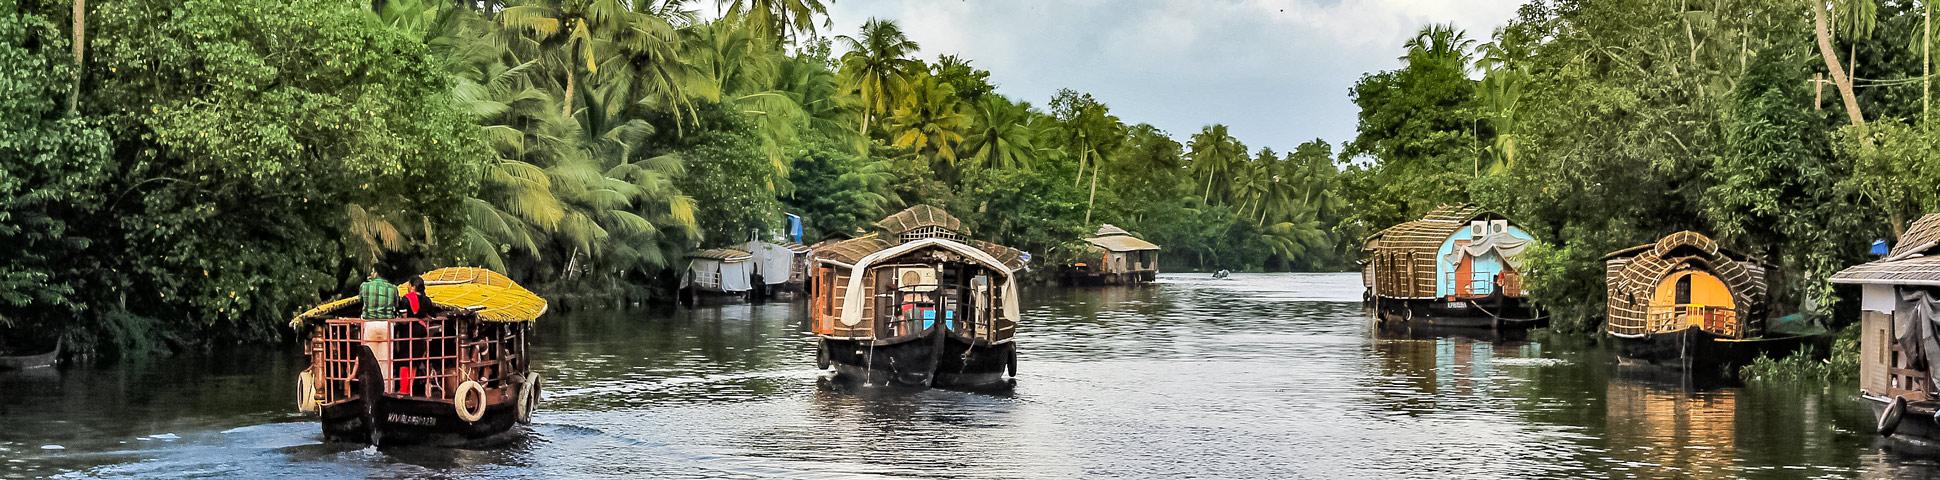 Kerala Houseboat Sightseeing Tour